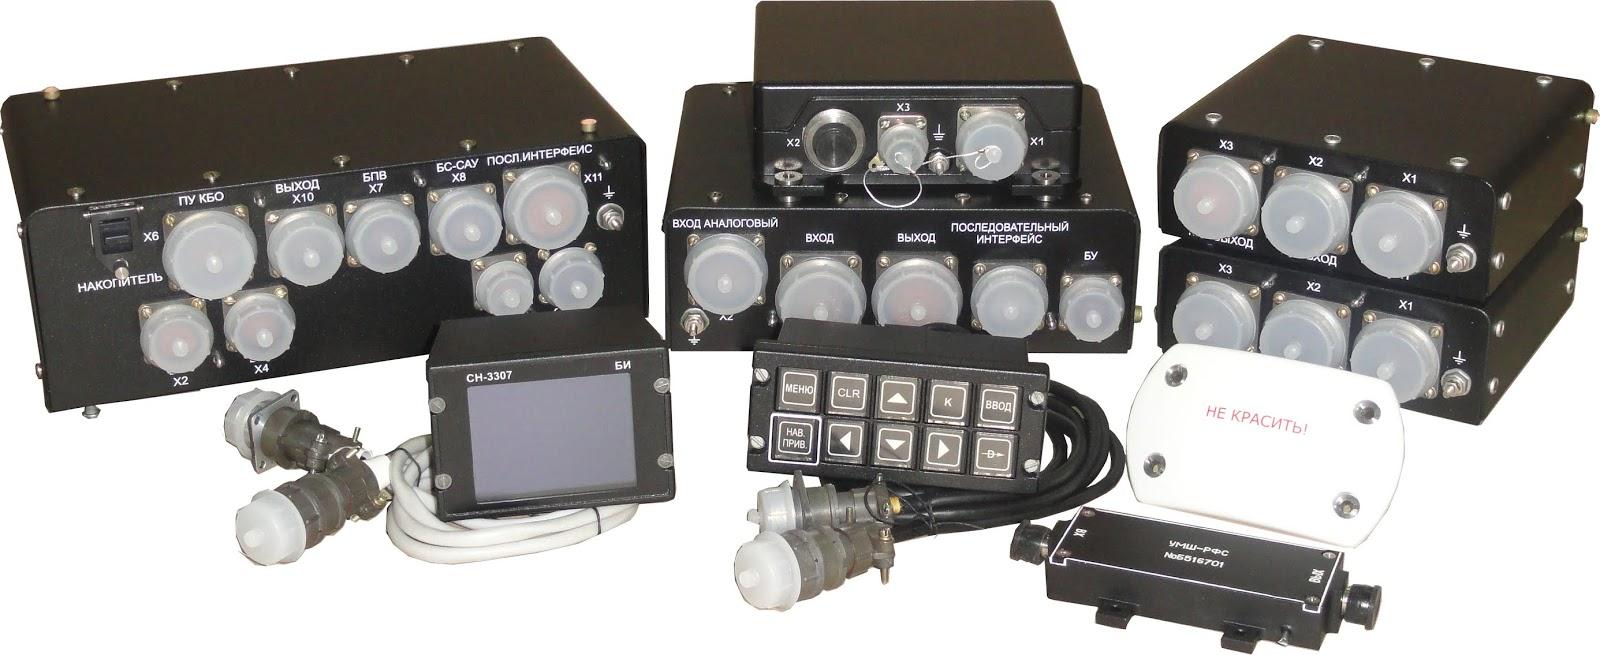 Апаратура споживачів супутникових навігаційних систем ГЛОНАСС і GPS NAVSTAR СН-3307-02